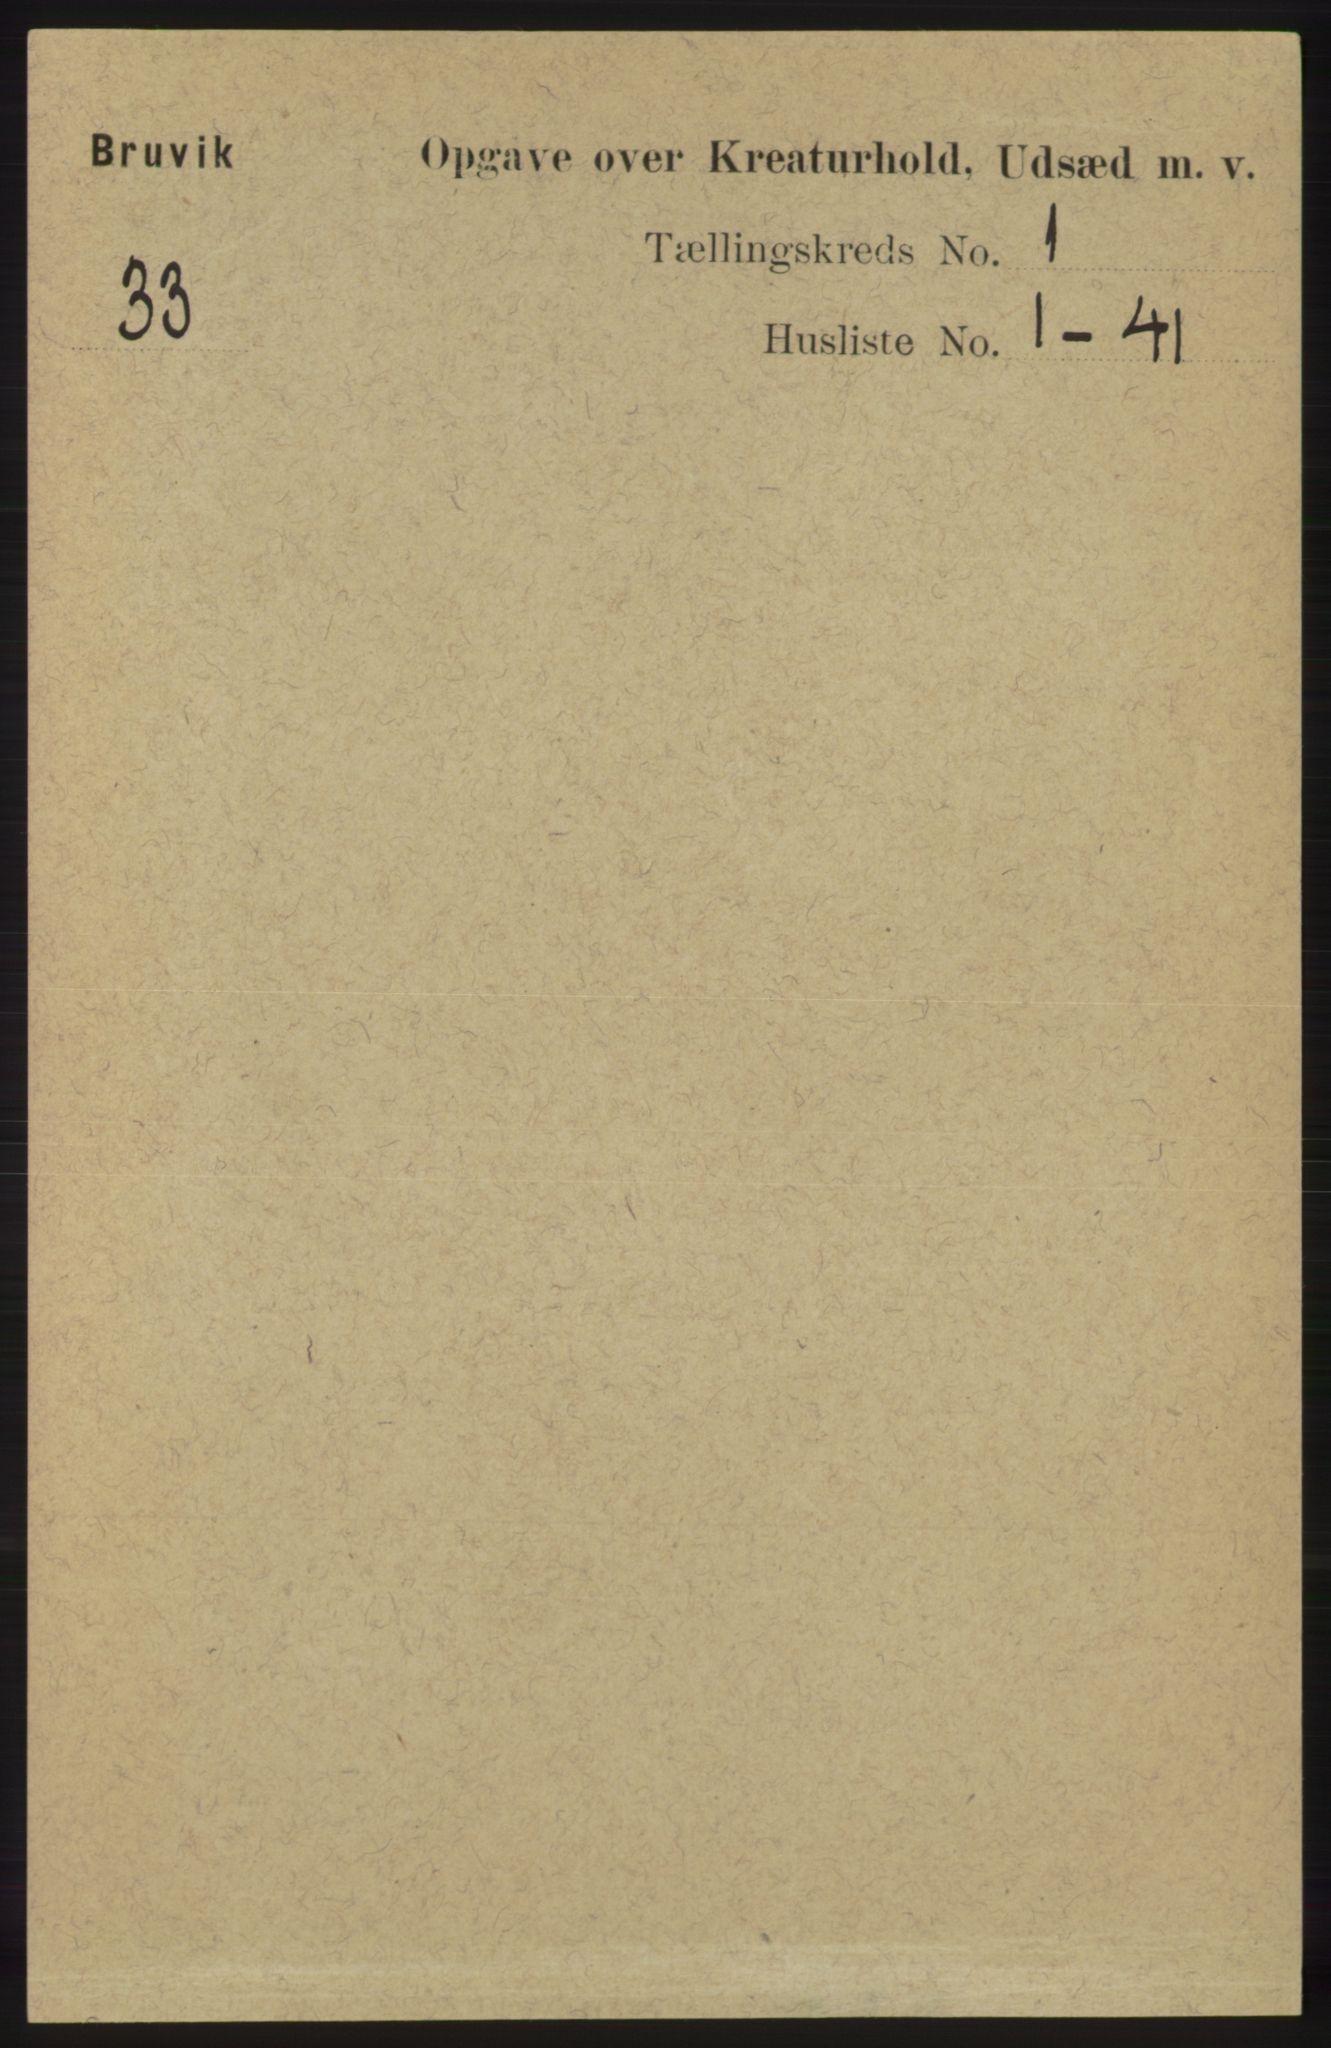 RA, Folketelling 1891 for 1251 Bruvik herred, 1891, s. 4148